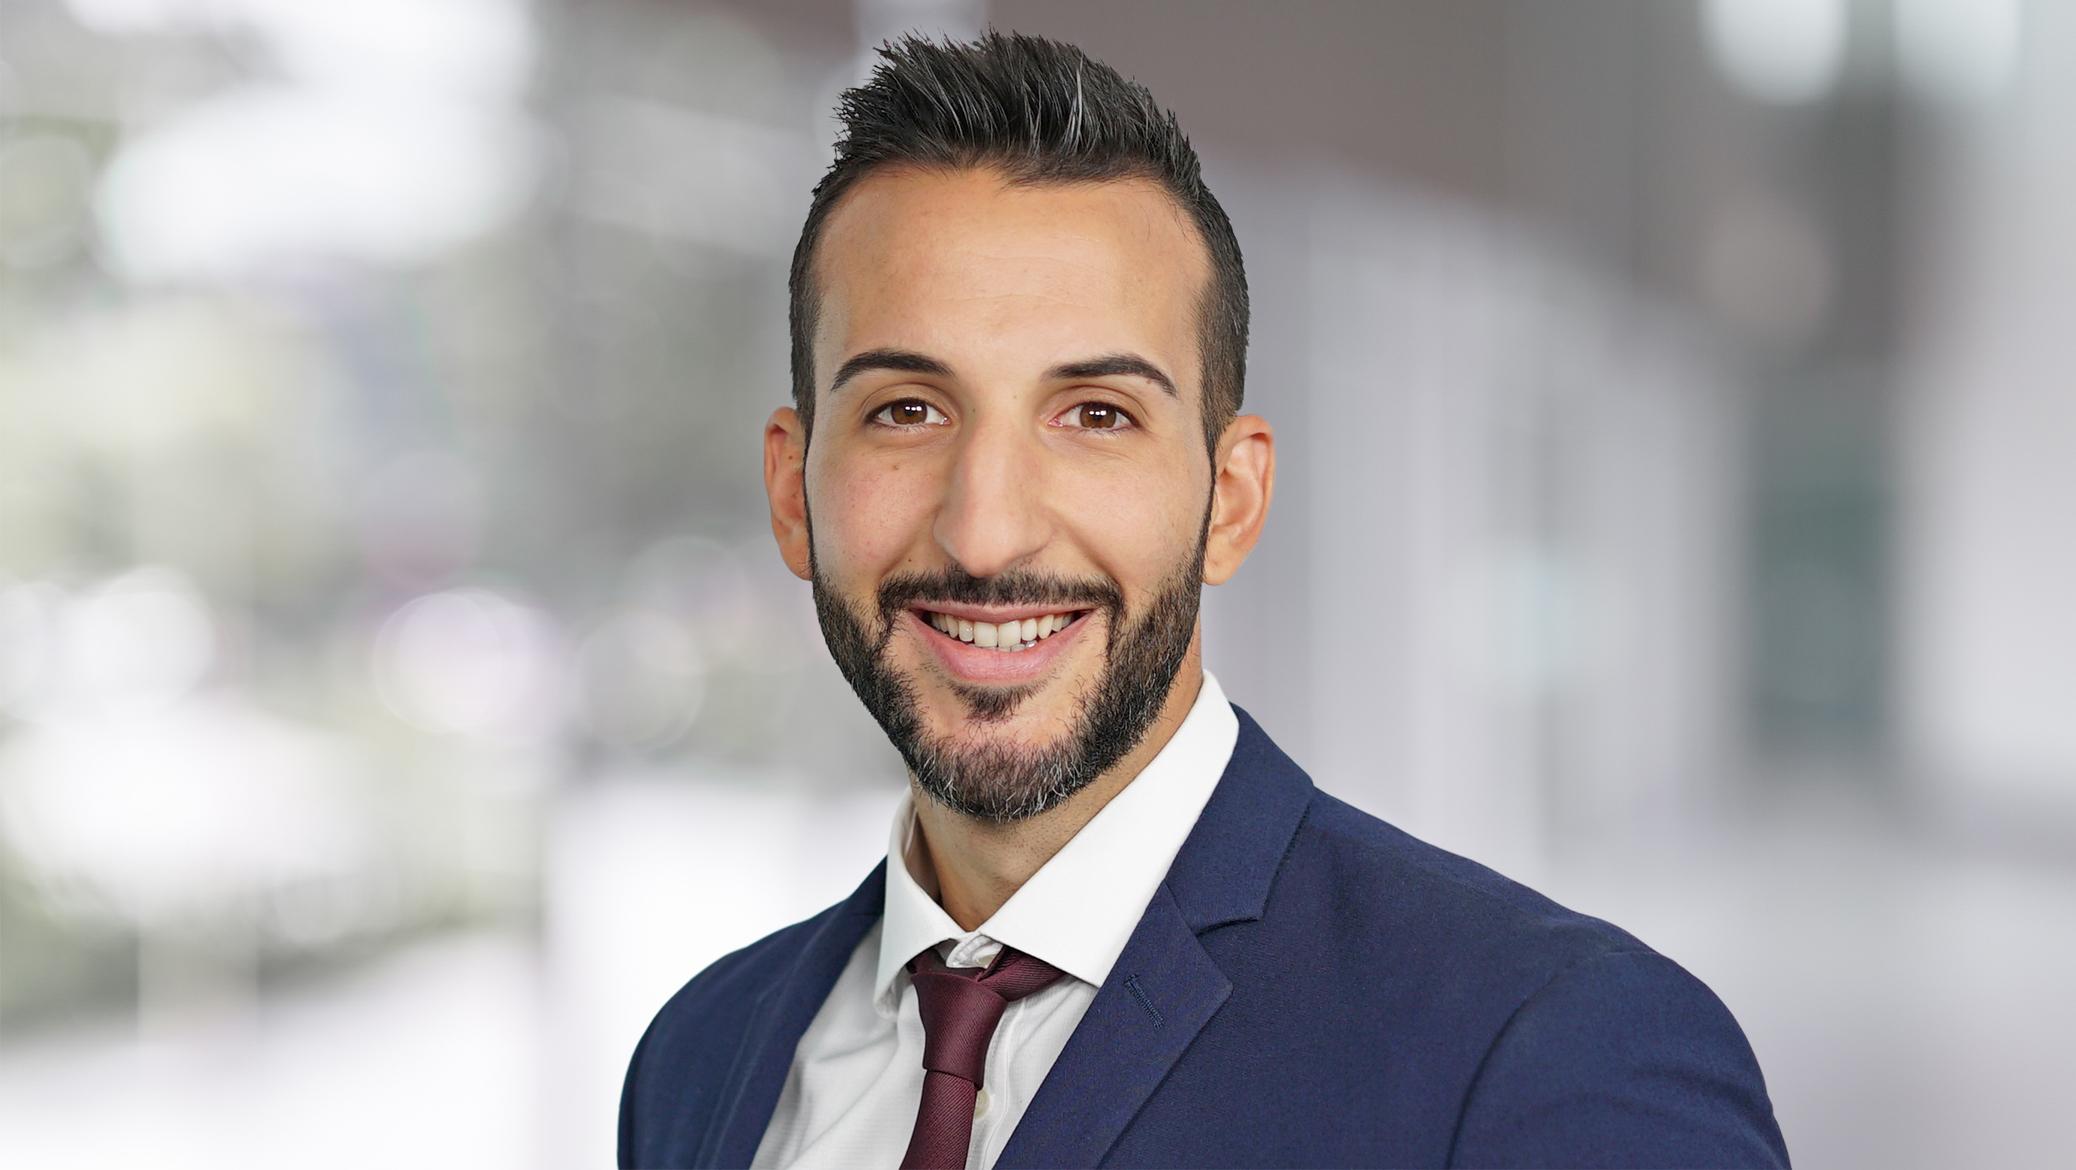 Headshot photo of Gabe Daoud